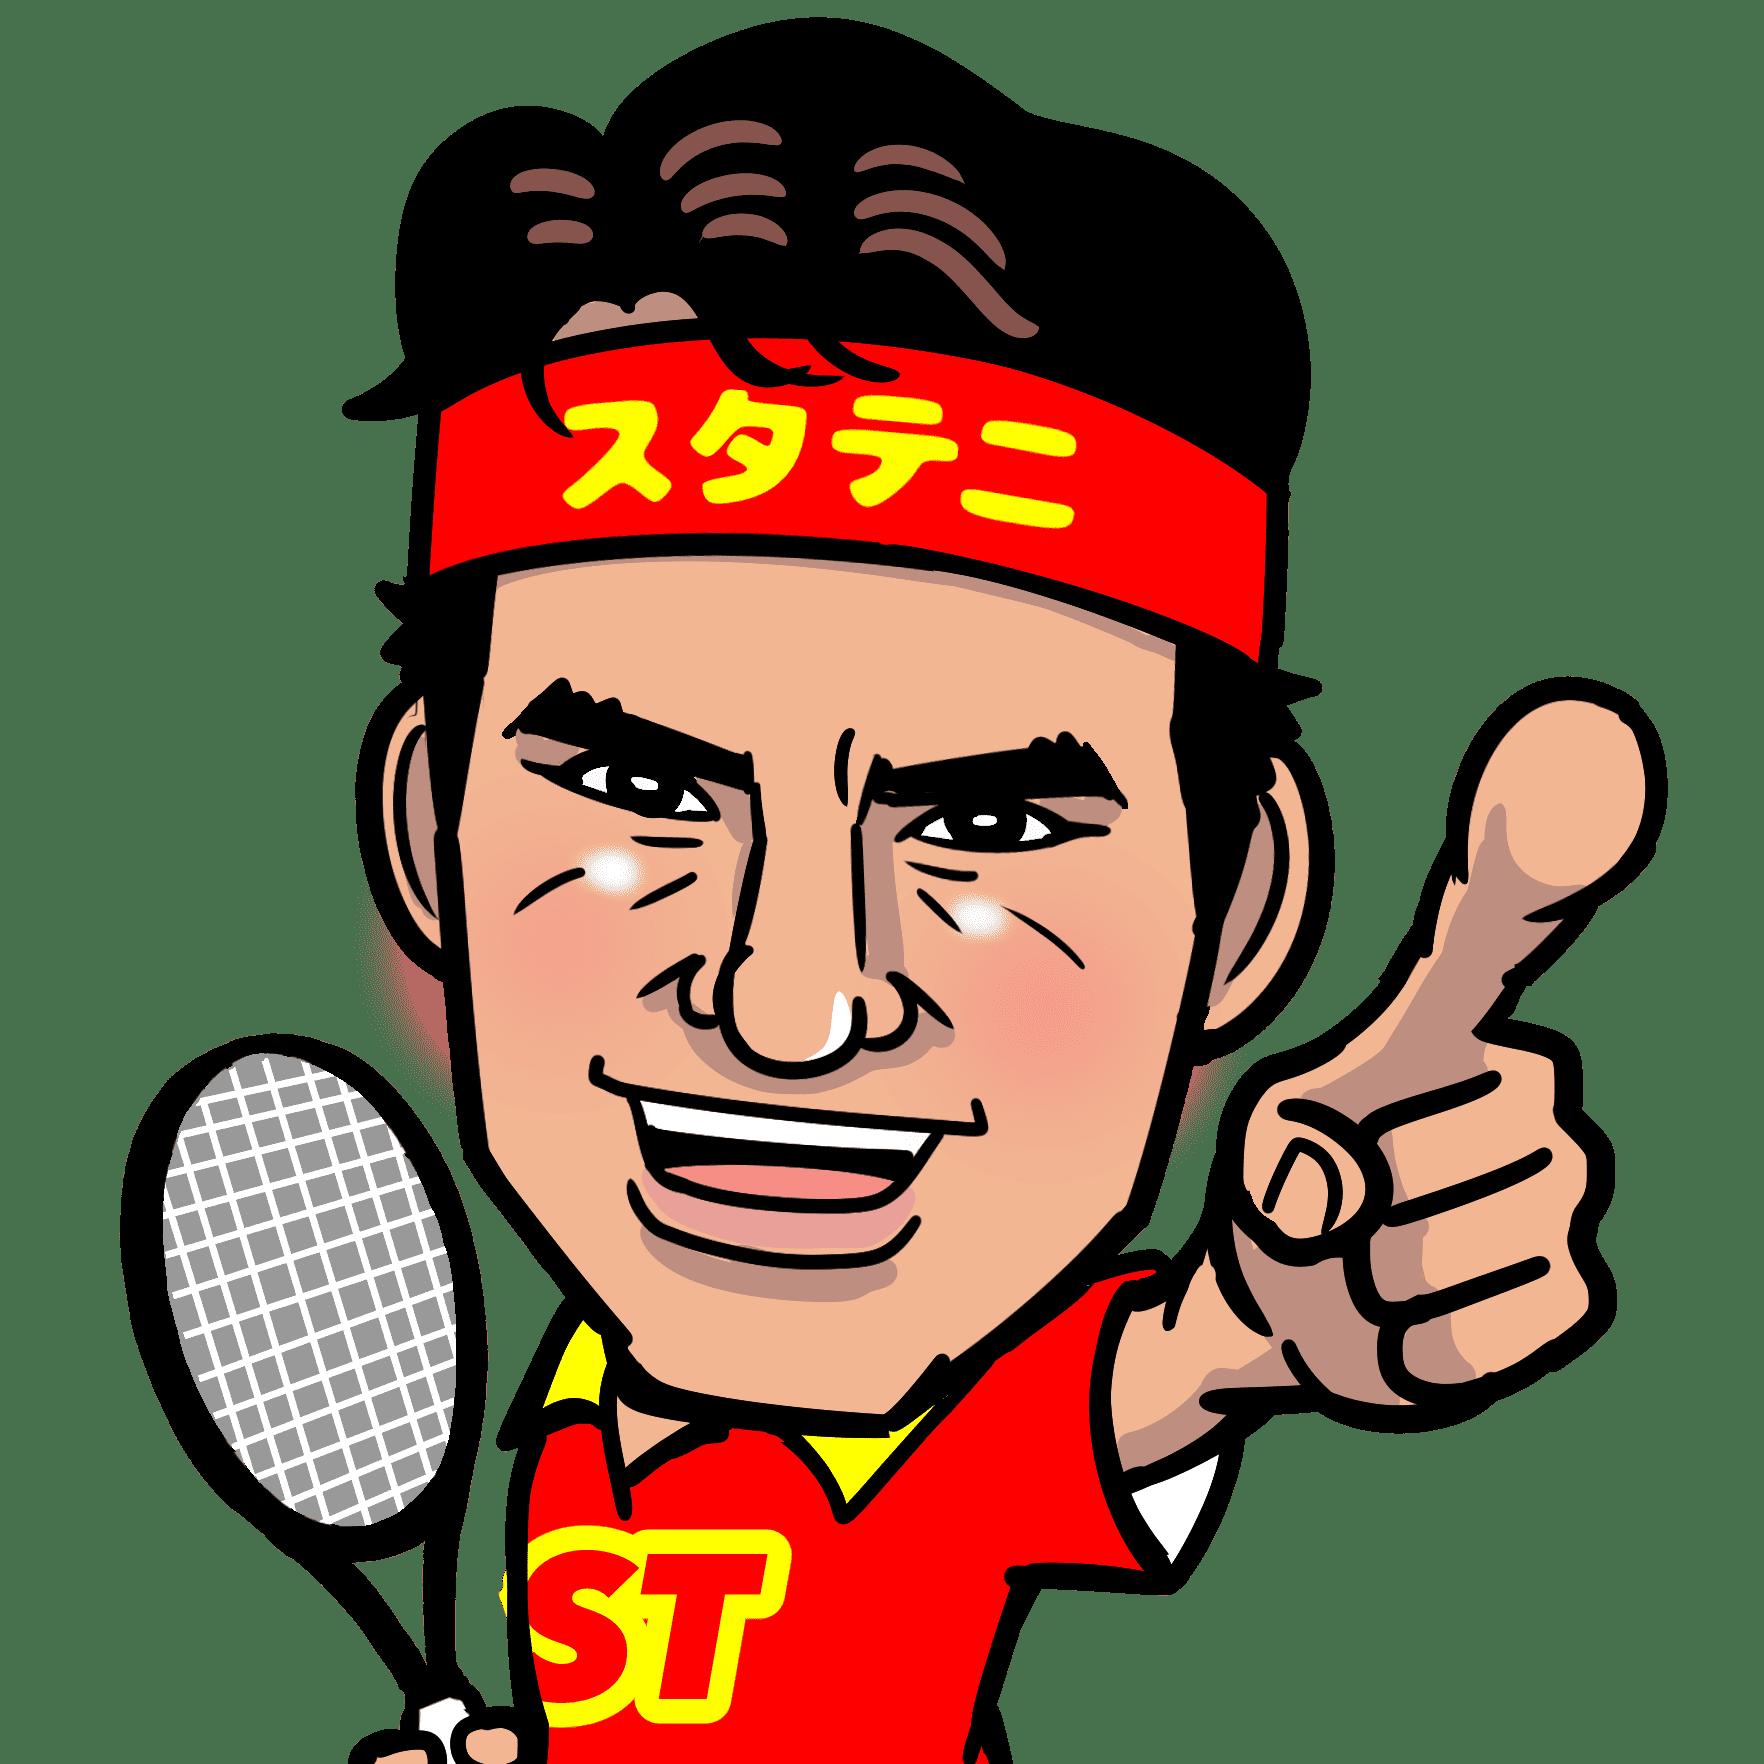 グラフィン360+ プレステージMP インプレ レビュー 【上級者向けパワーヘッドラケット】